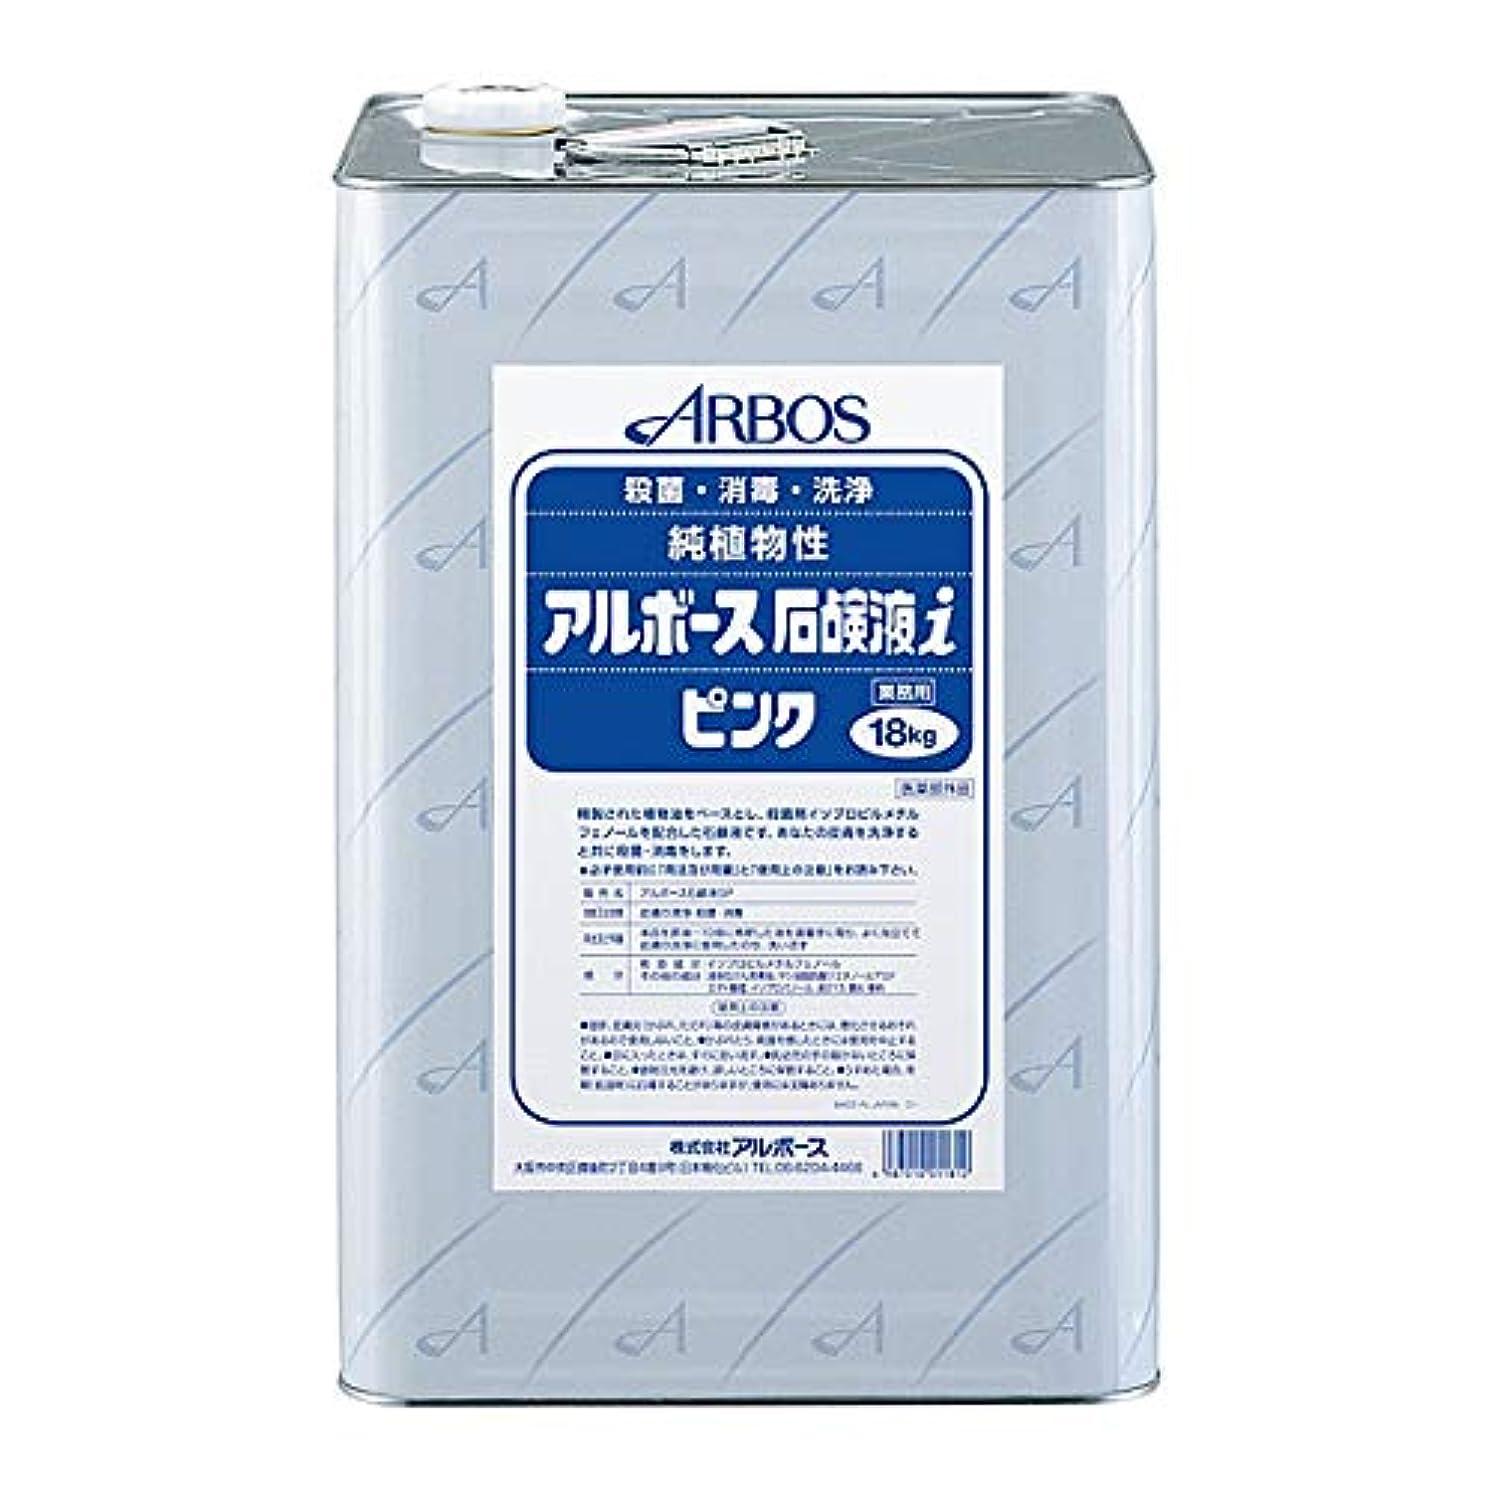 の面ではジョイント権威【清潔キレイ館】アルボース石鹸液i ピンク(18L)+つめブラシ1個 オマケ付